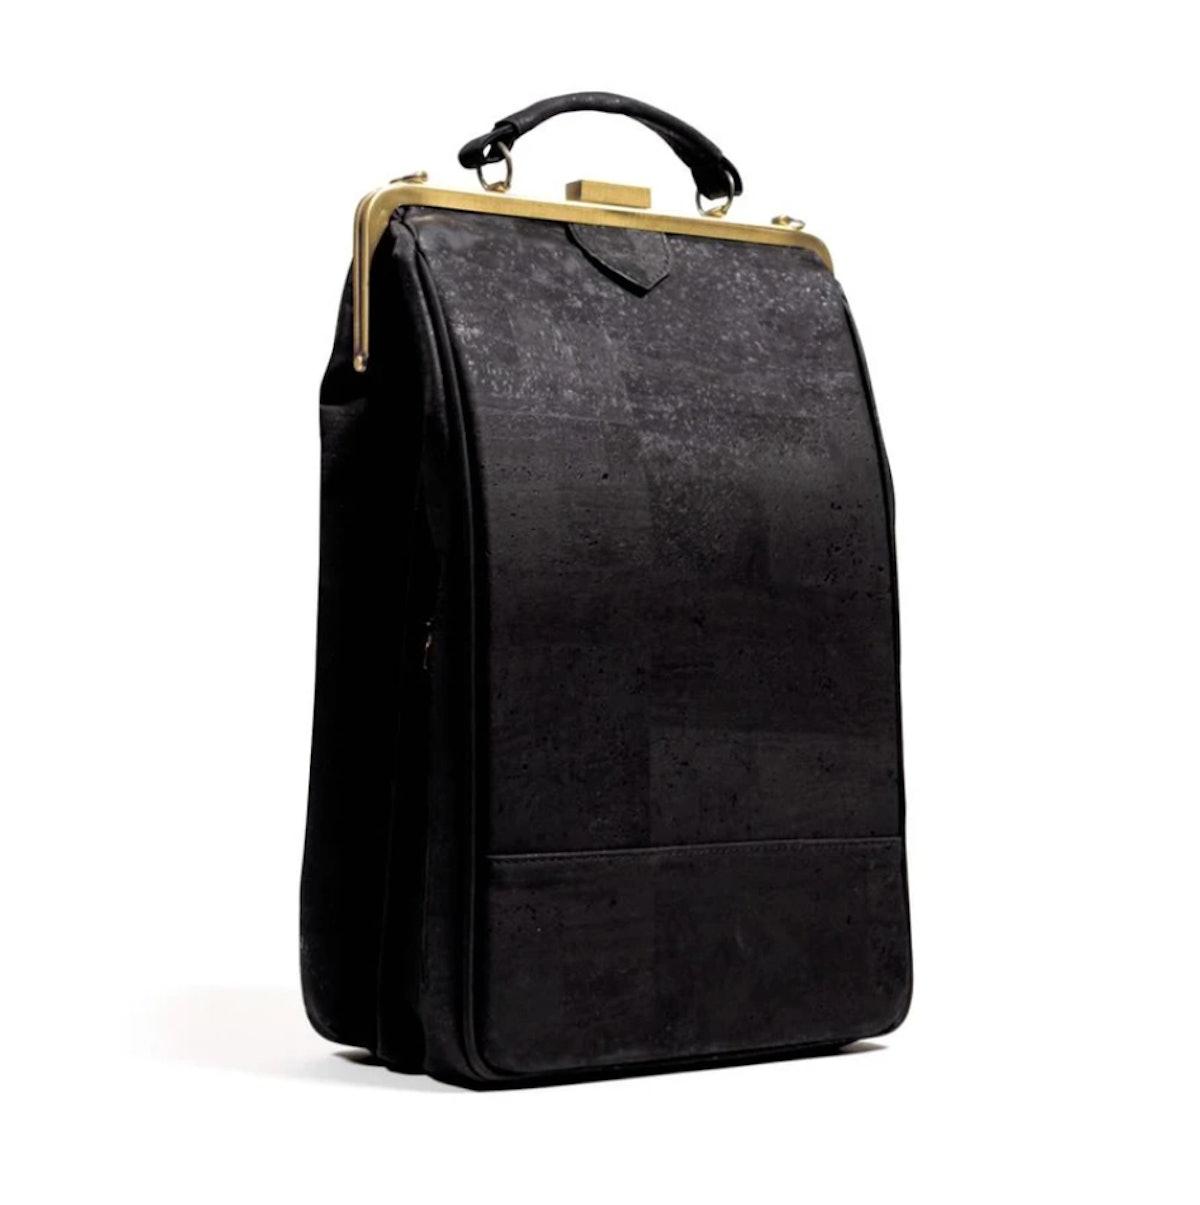 Laflore Paris' stylish black convertible backpack purse.